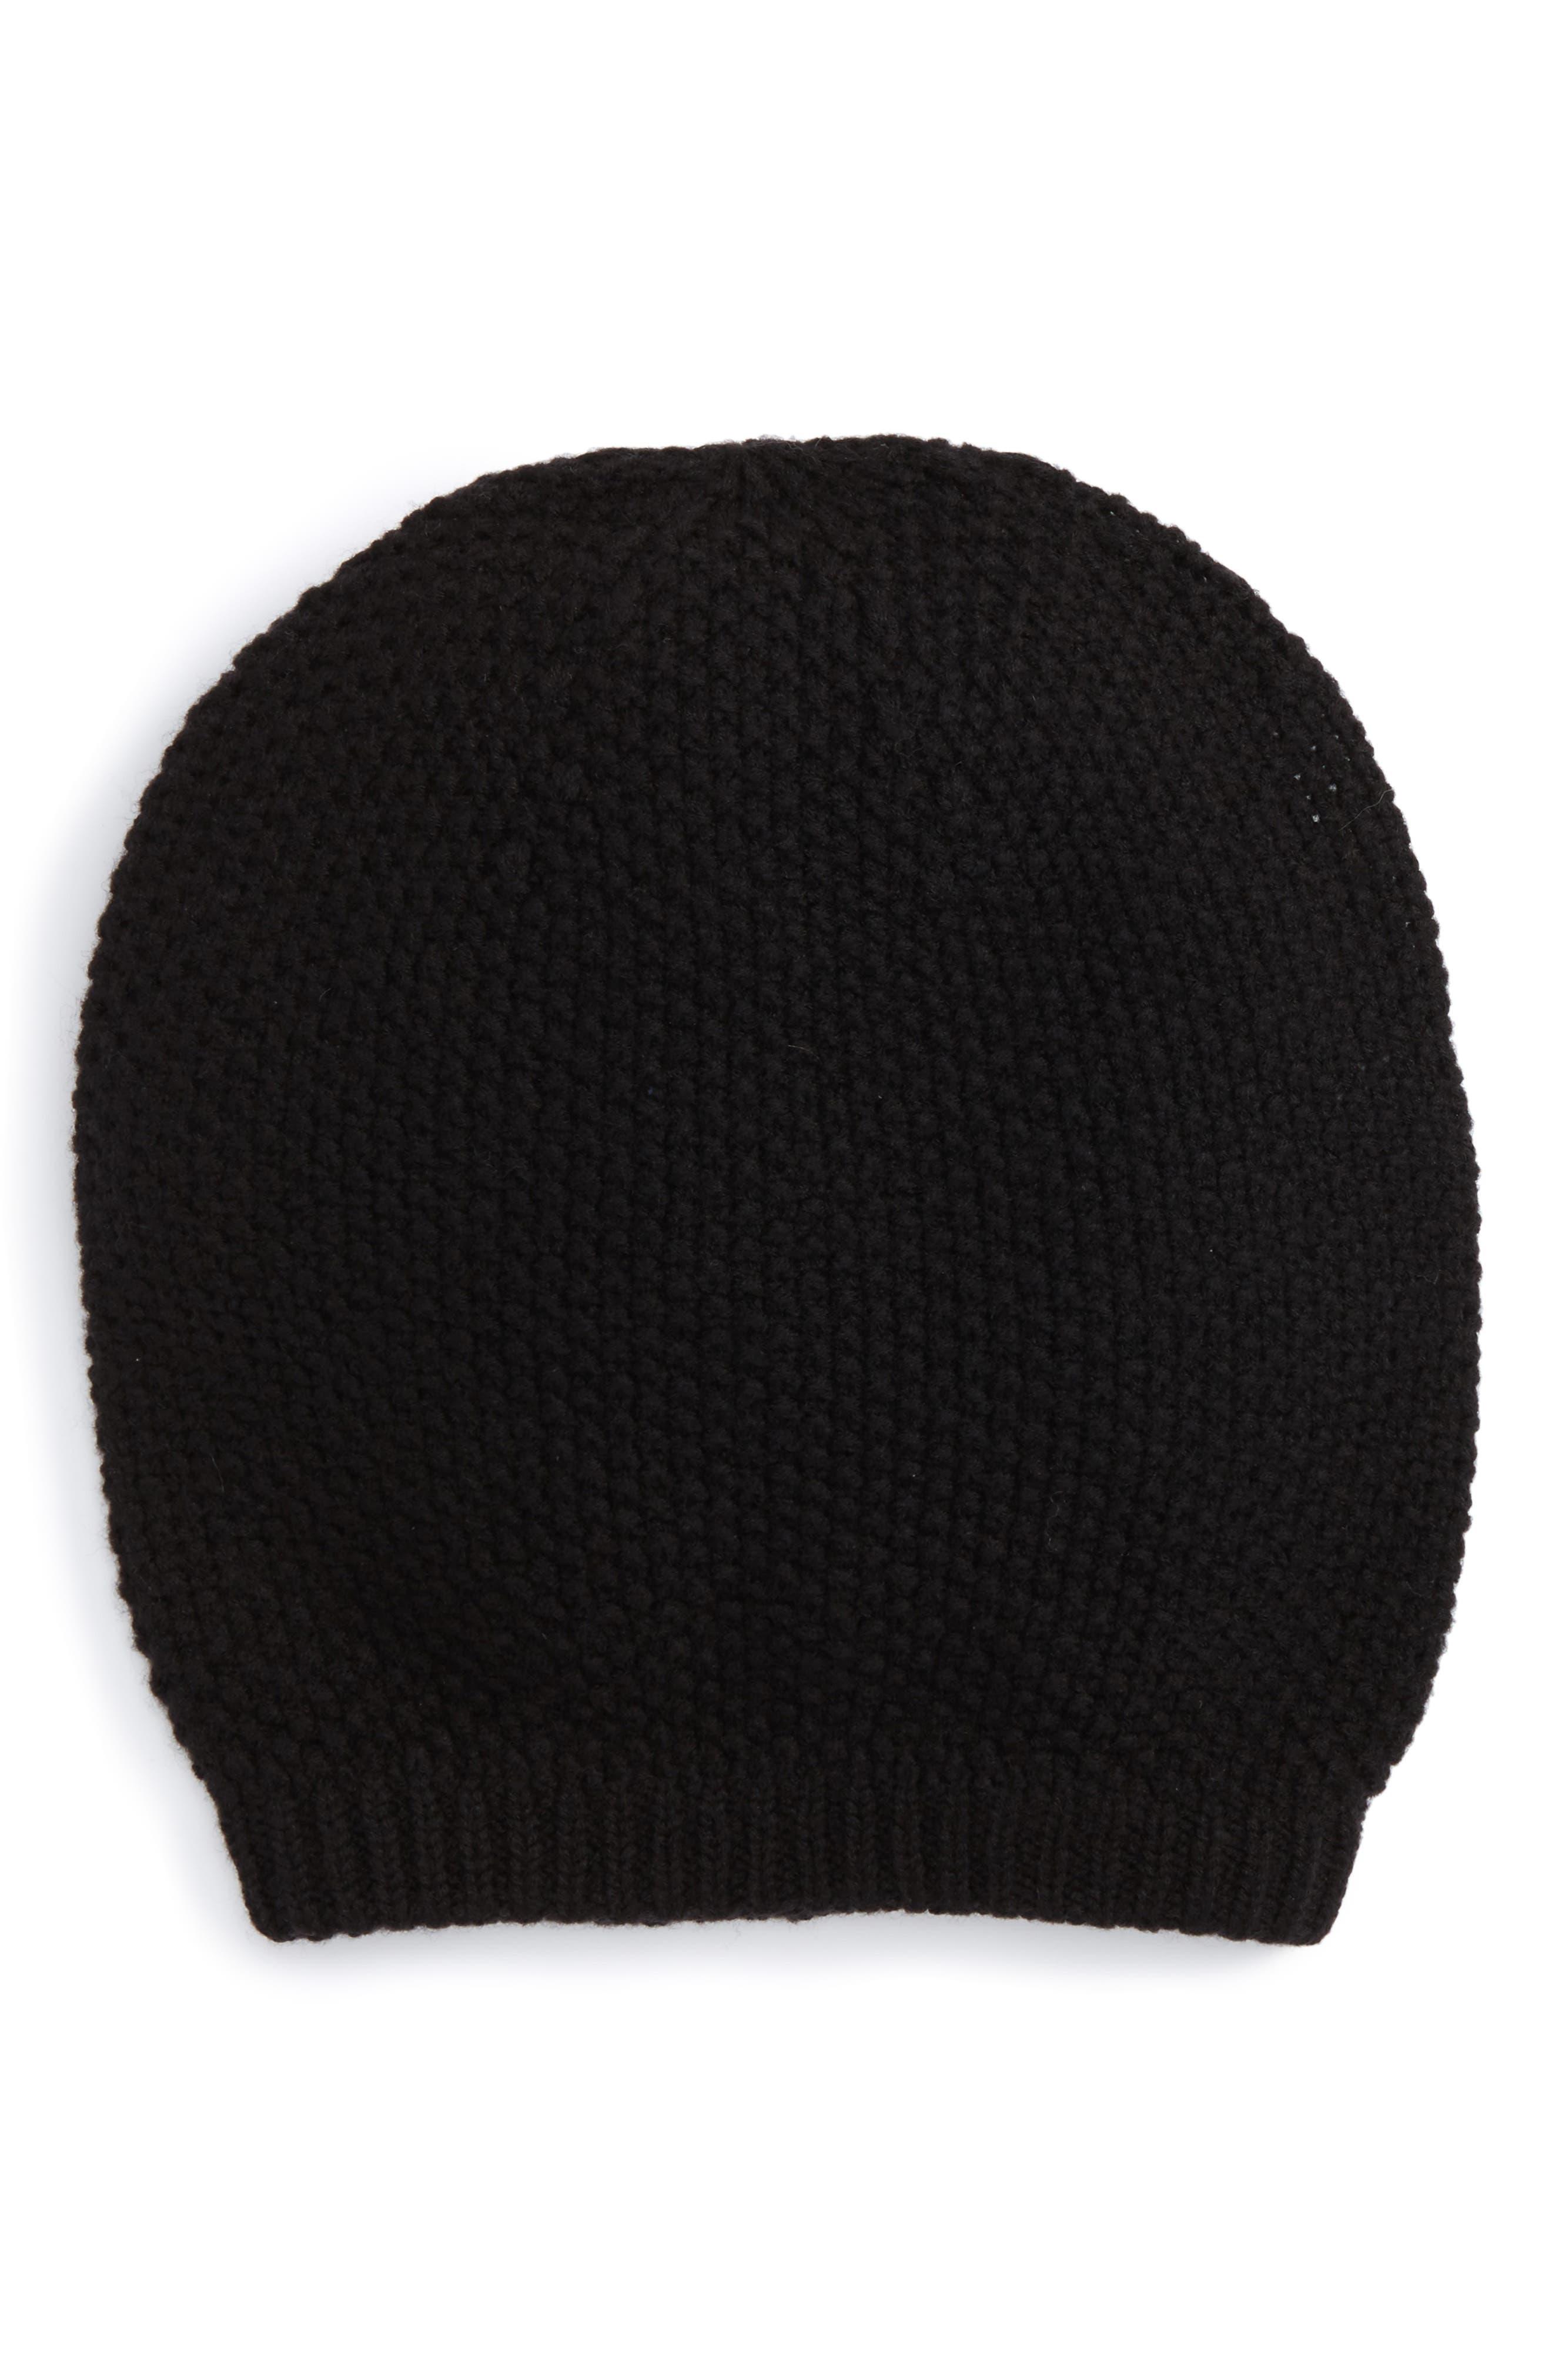 Main Image - Sole Society Knit Beanie